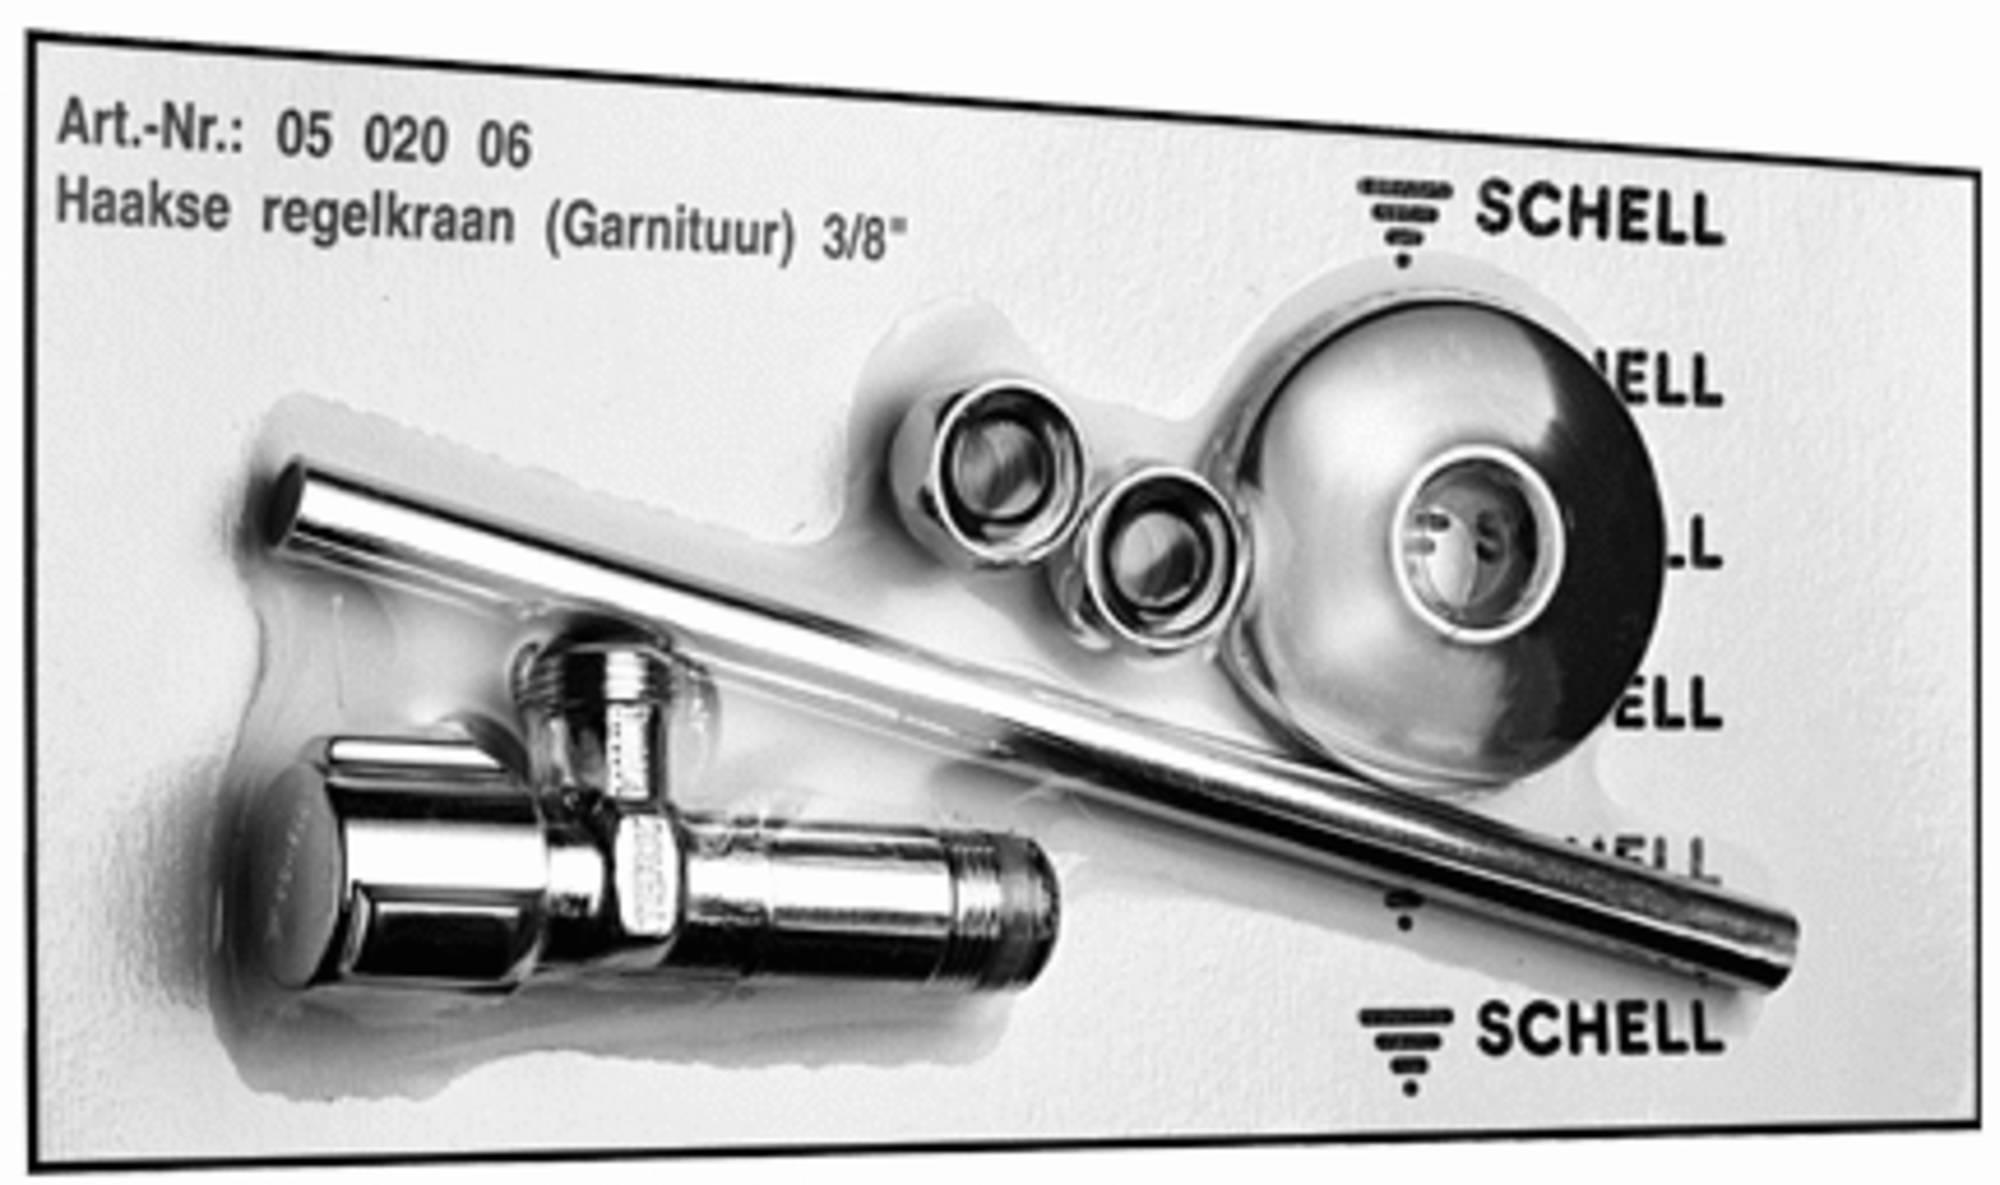 Schell Comfort reservoirhoekstopkraan chroom 050200699